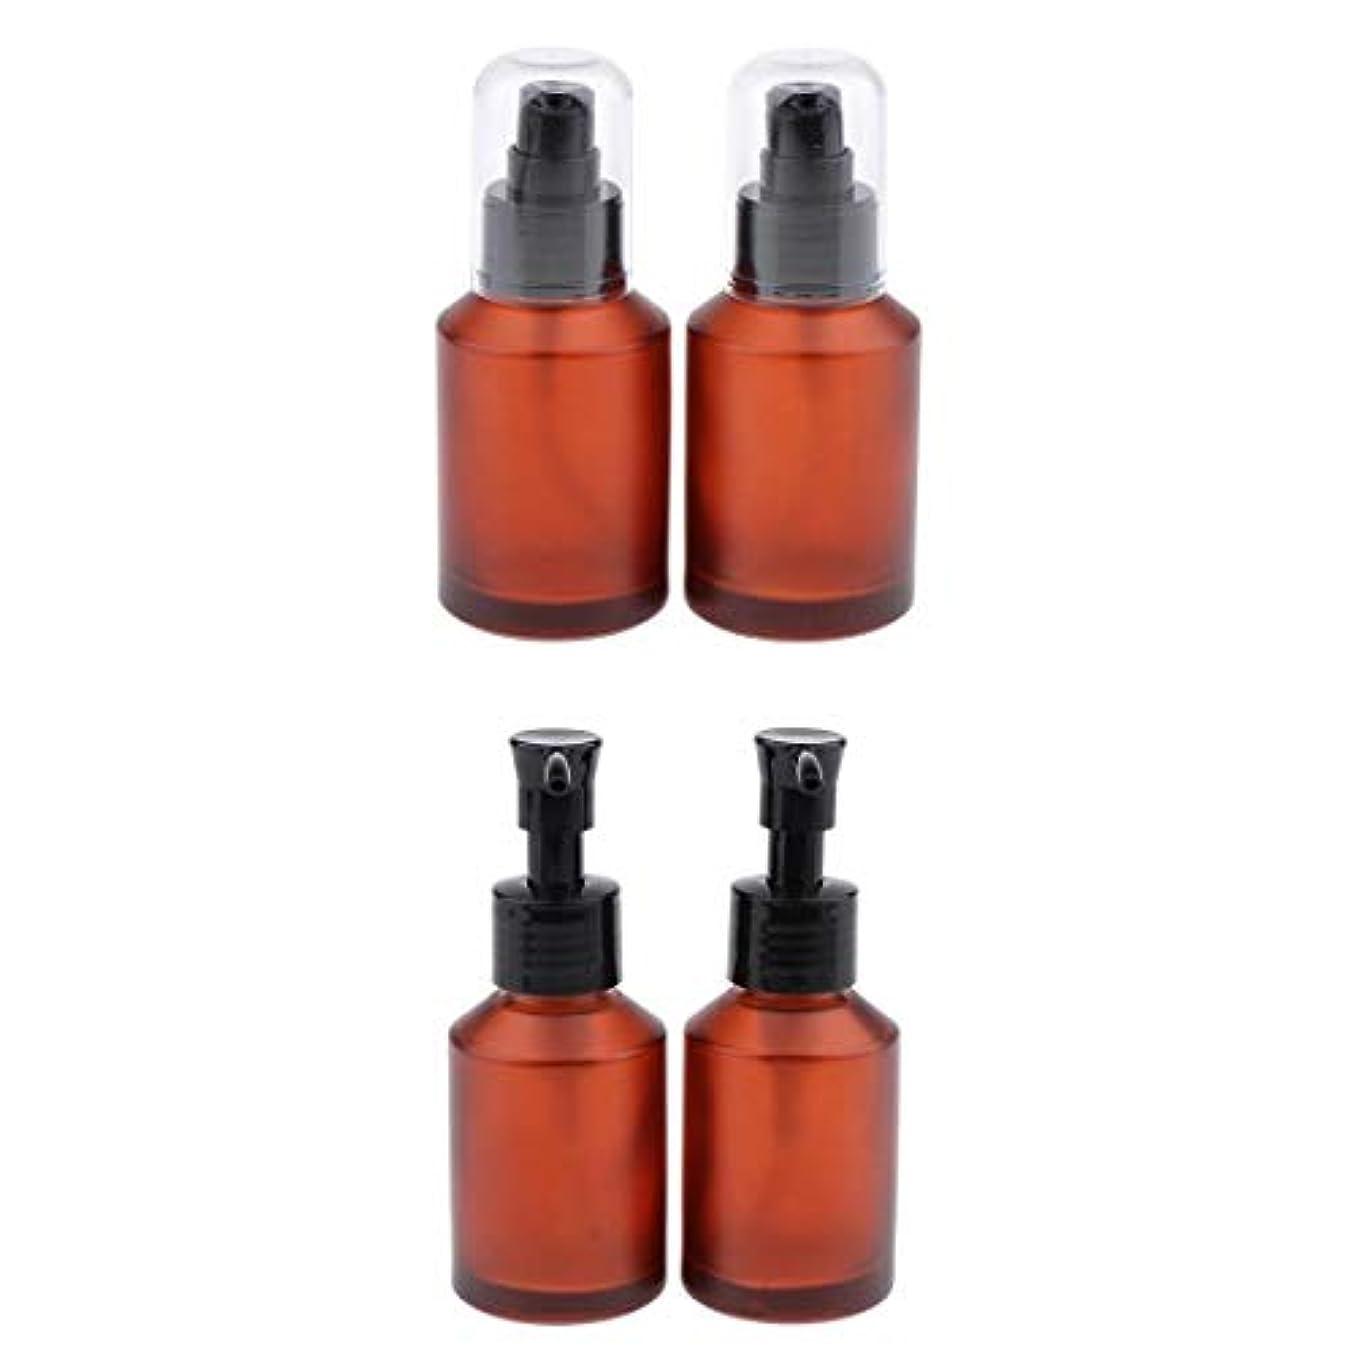 リーク困惑素晴らしき4個セット スプレーボトル スポイト瓶 遮光瓶 ガラス製 精油瓶 詰め替え アロマ保存容器 小分け用